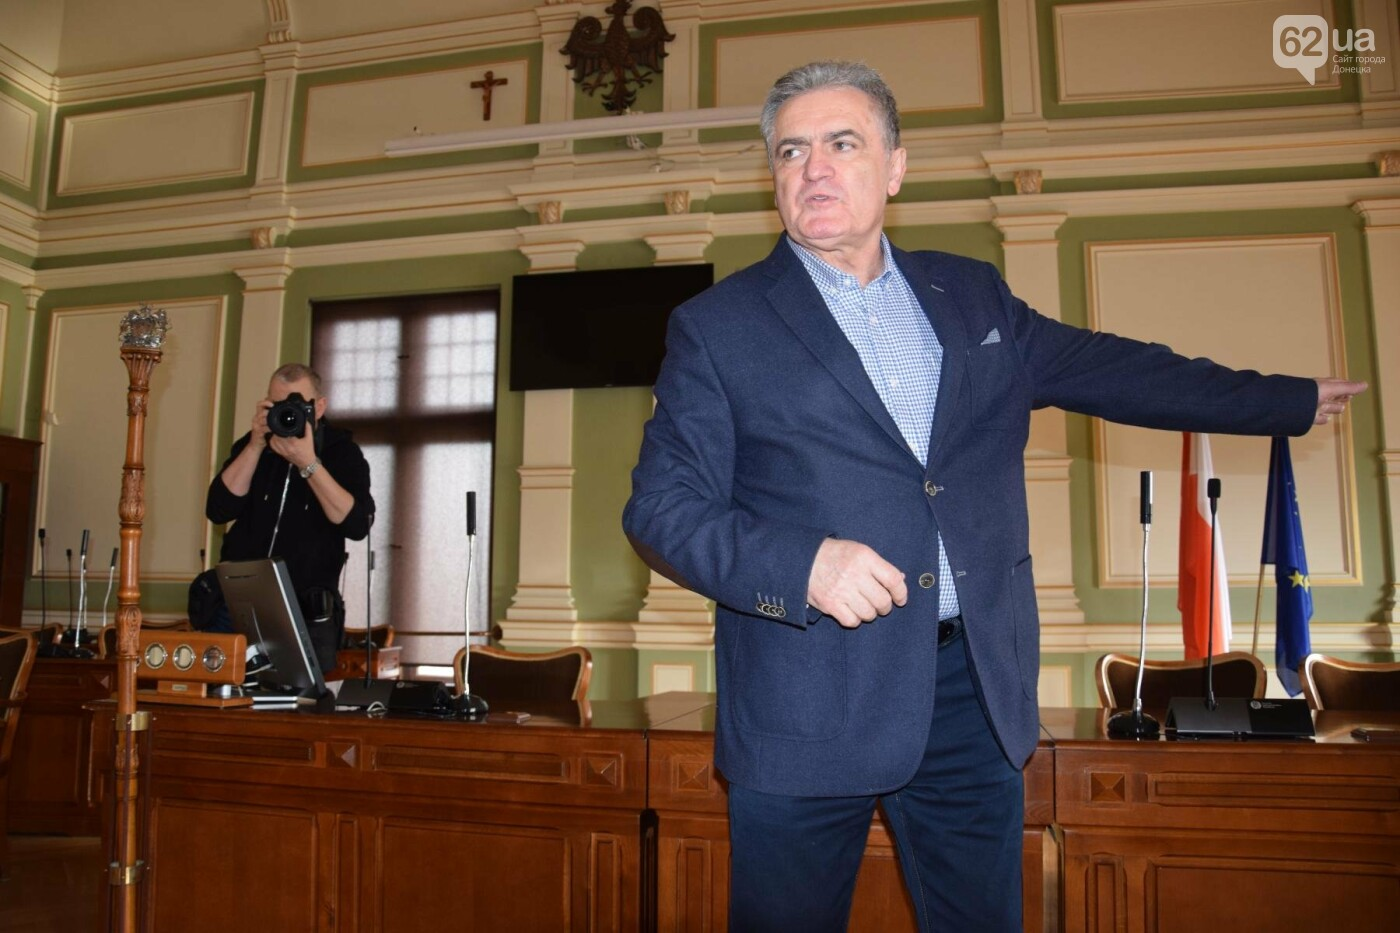 Депутат горсовета проголосовал за соседа и сел в тюрьму на 7 месяцев: правила местного самоуправления по-гданьски, фото-2